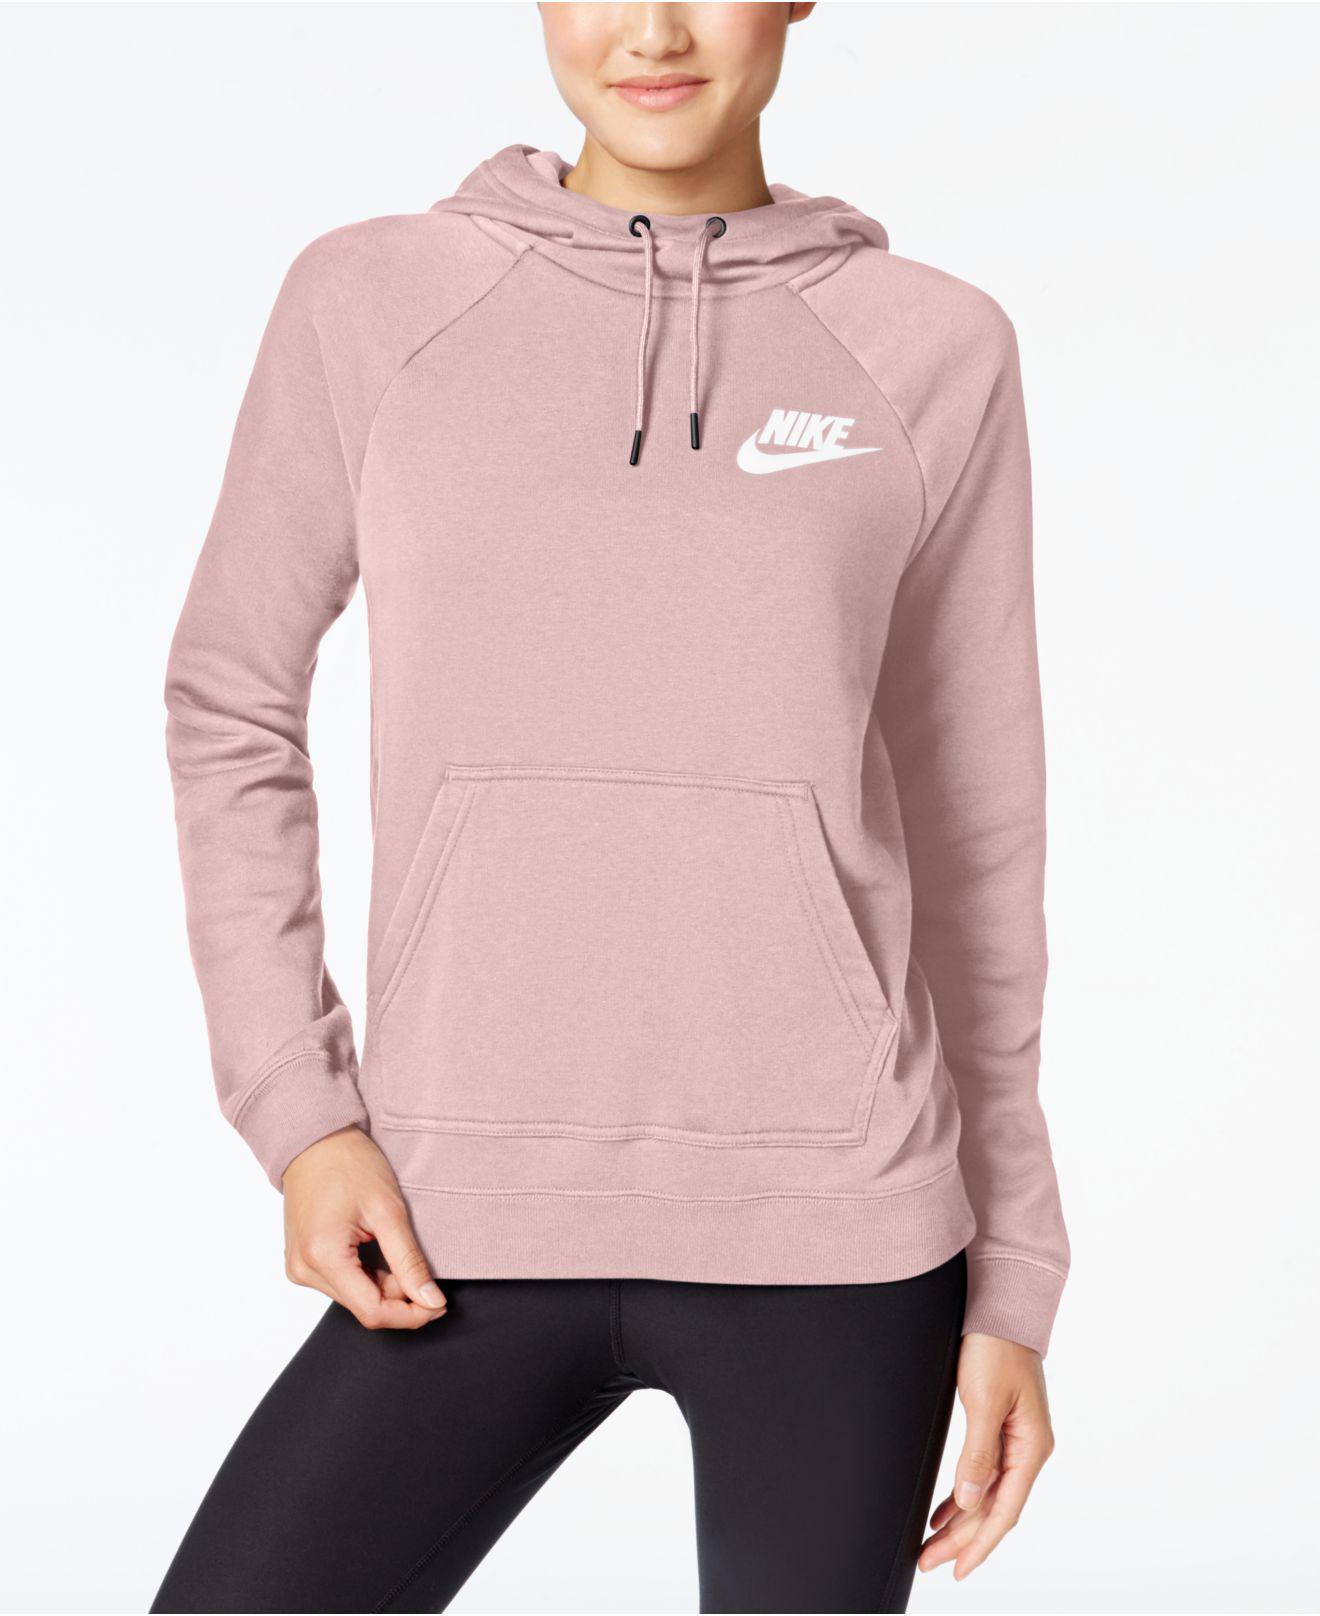 Predownload: Nike Sportswear Fleece Rally Hoodie In Pearl Pink Pink Lyst [ 1616 x 1320 Pixel ]